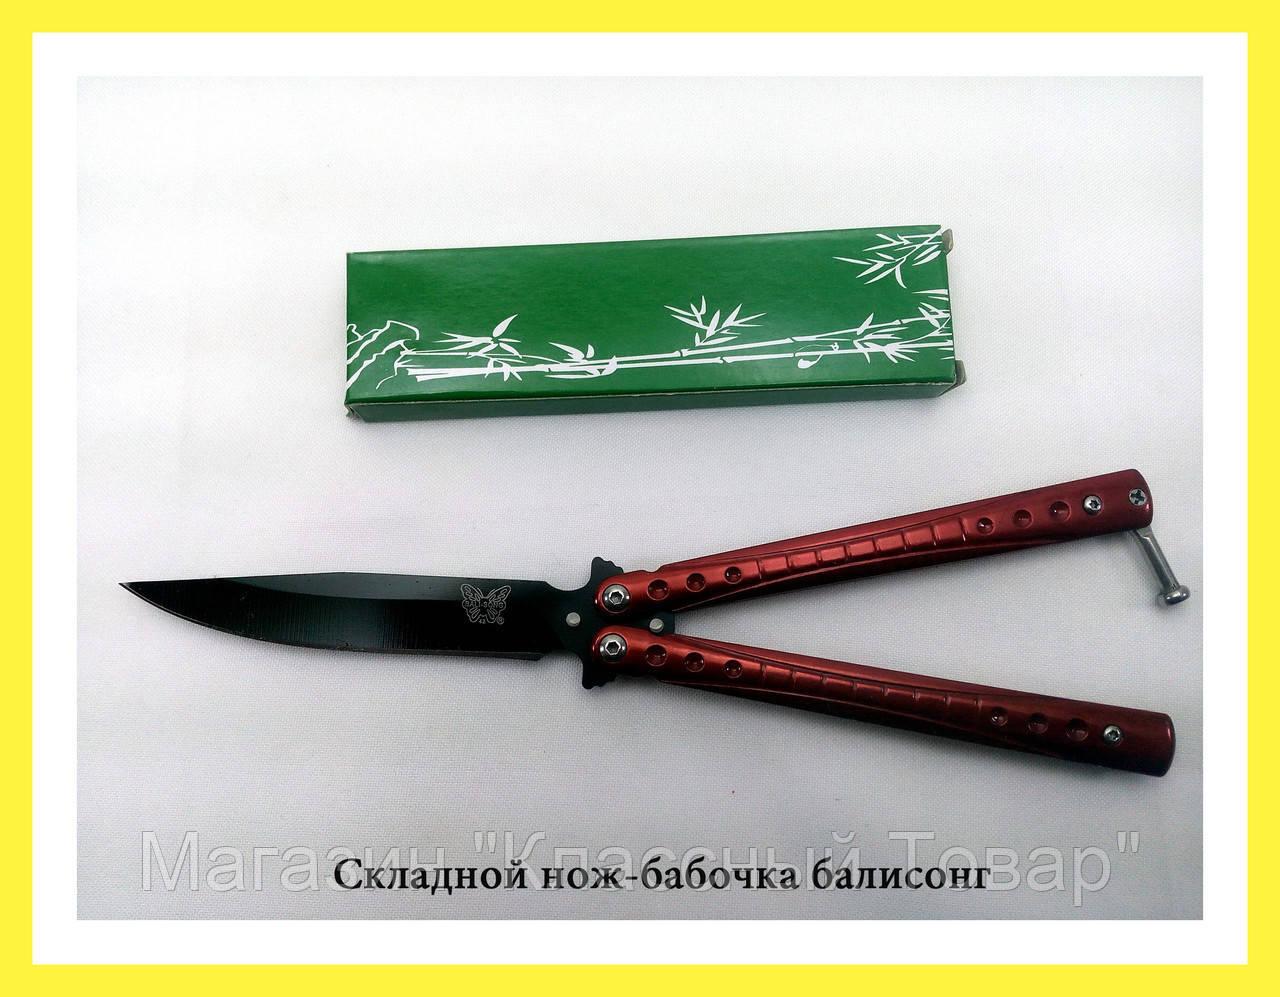 Складной нож-бабочка балисонг!Лучший подарок